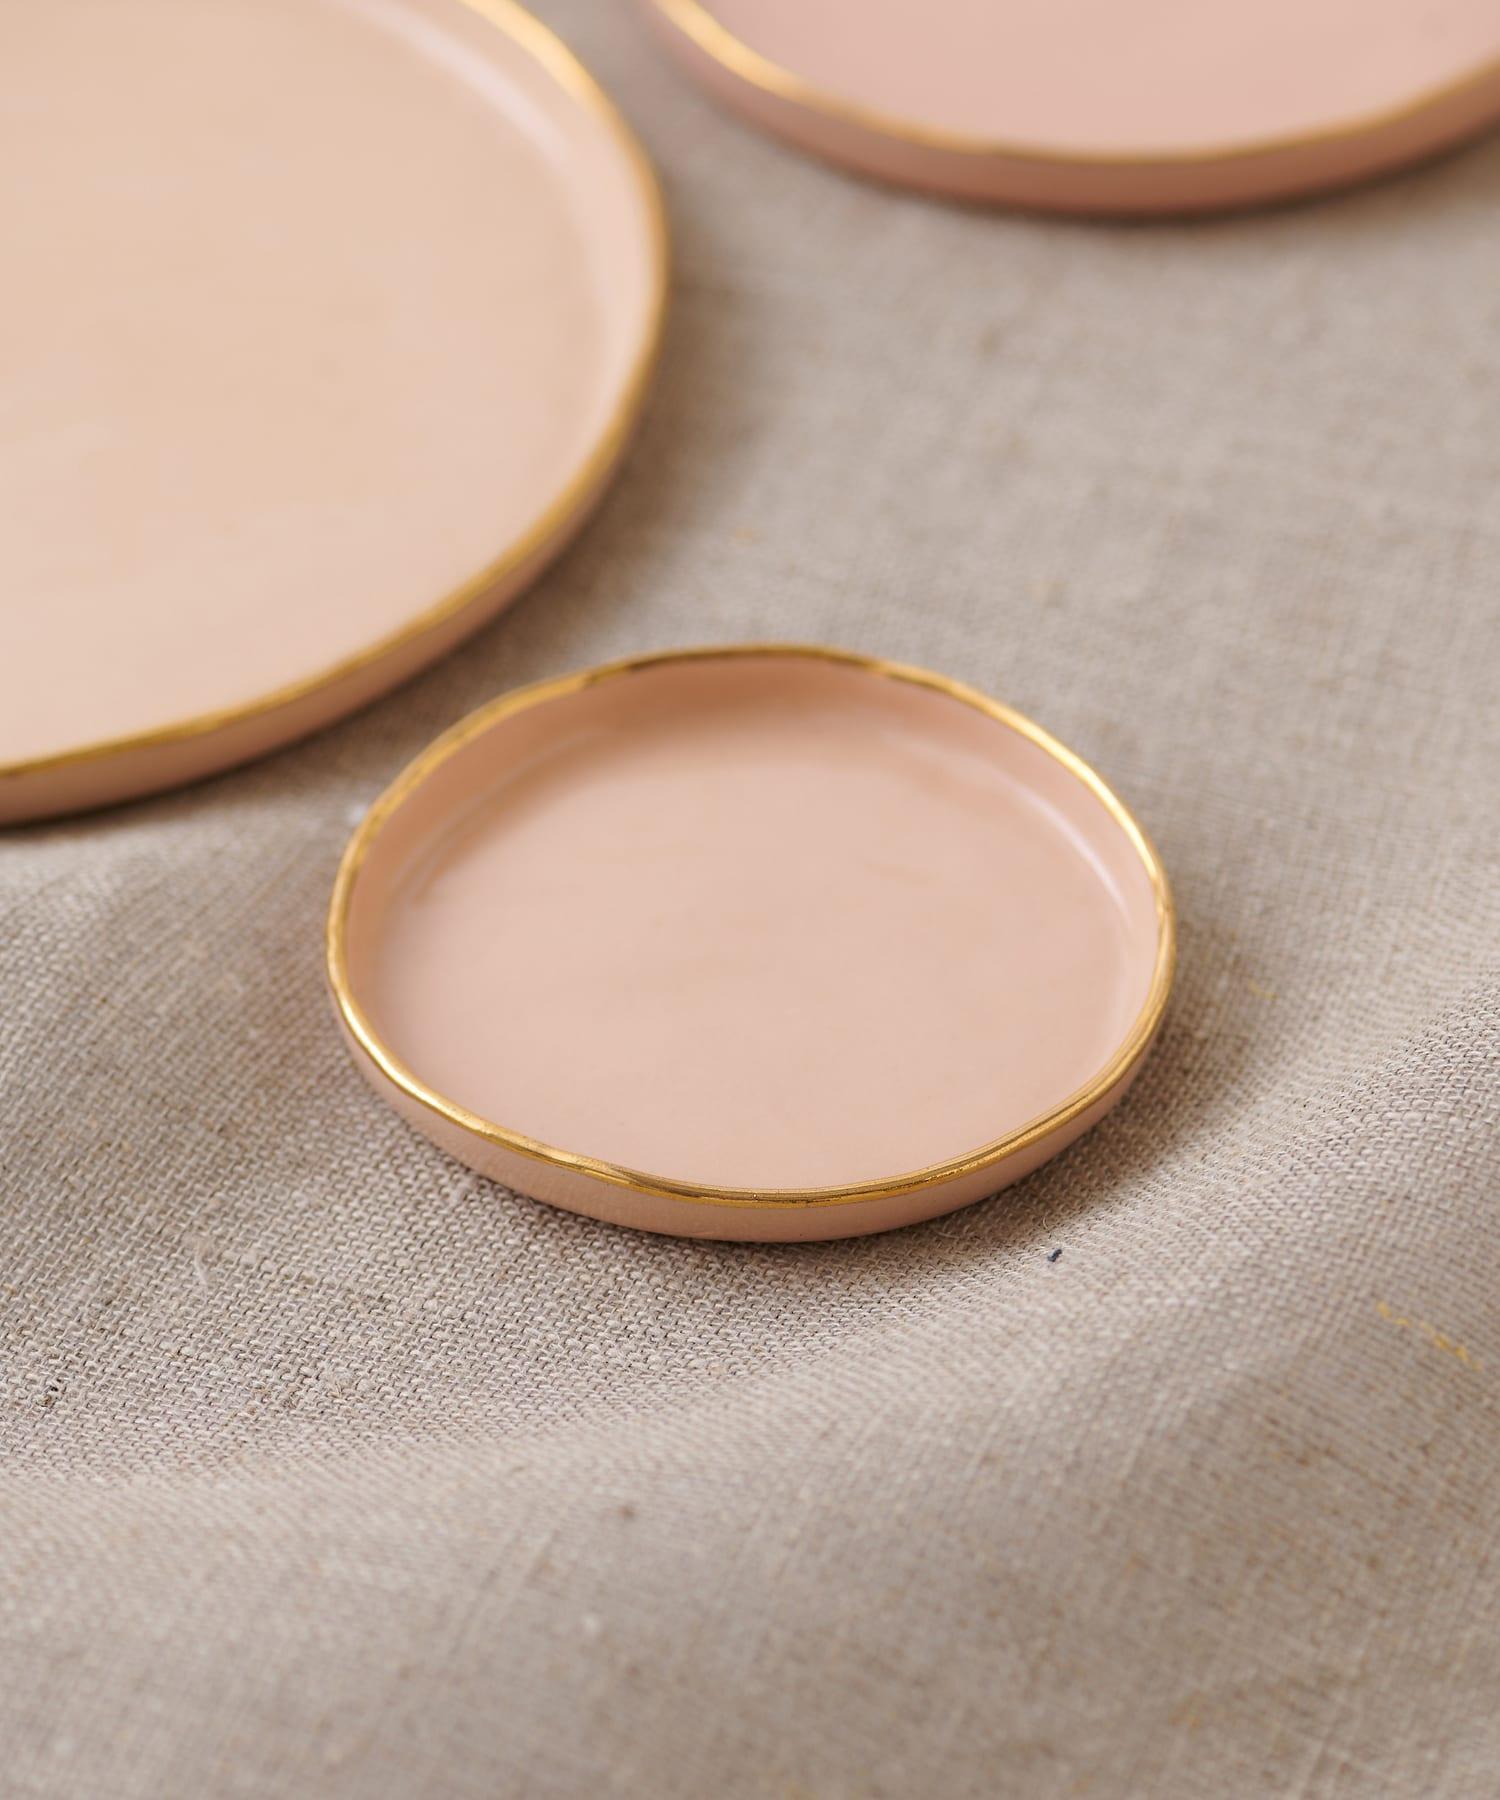 Whim Gazette(ウィム ガゼット) ライフスタイル 【ucacoceramics】plate(bonbon) ピンク